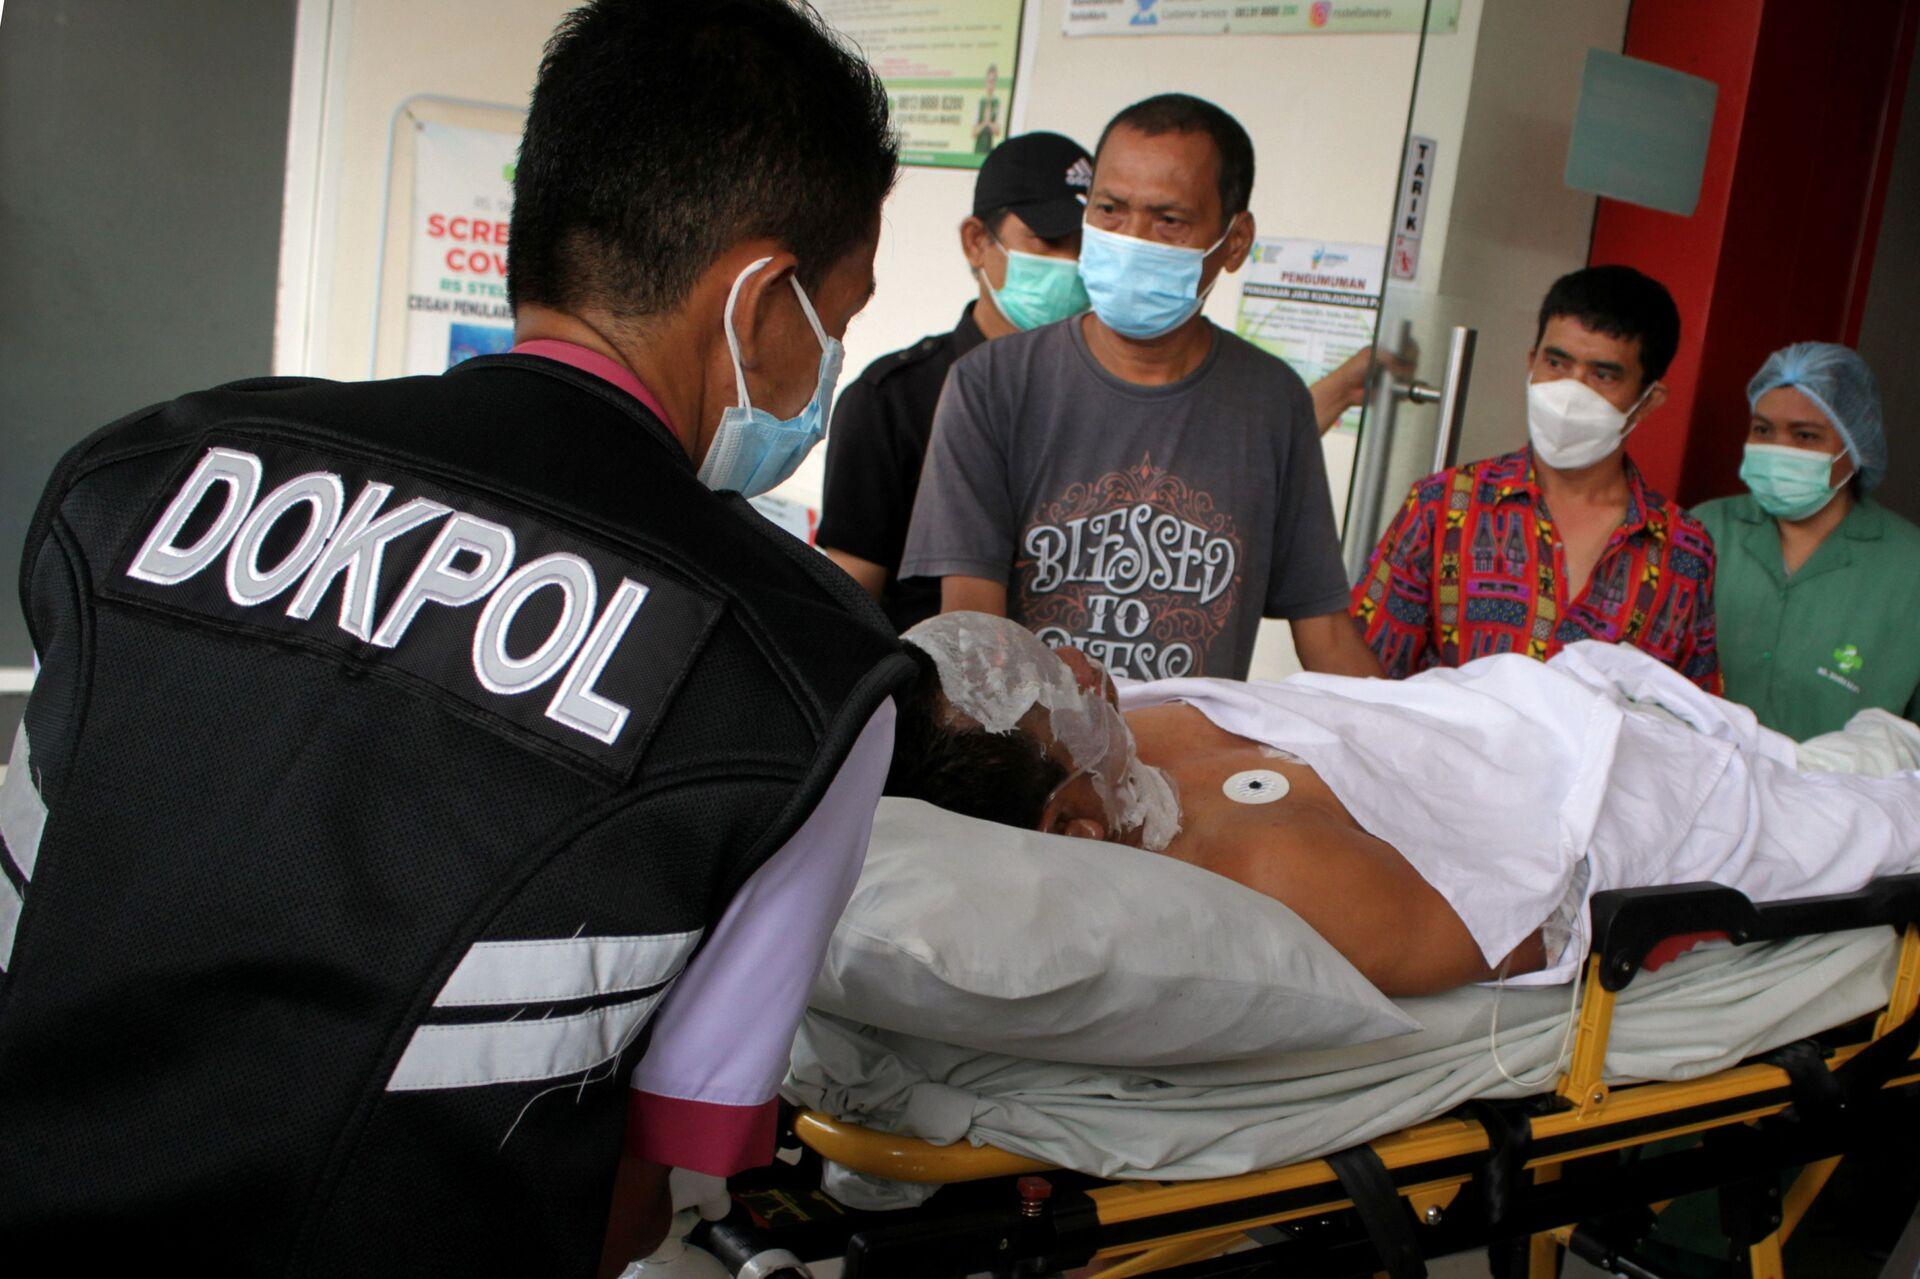 Những kẻ đánh bom liều chết bên ngoài nhà thờ Công giáo ở Indonesia là một cặp vợ chồng - Sputnik Việt Nam, 1920, 29.03.2021